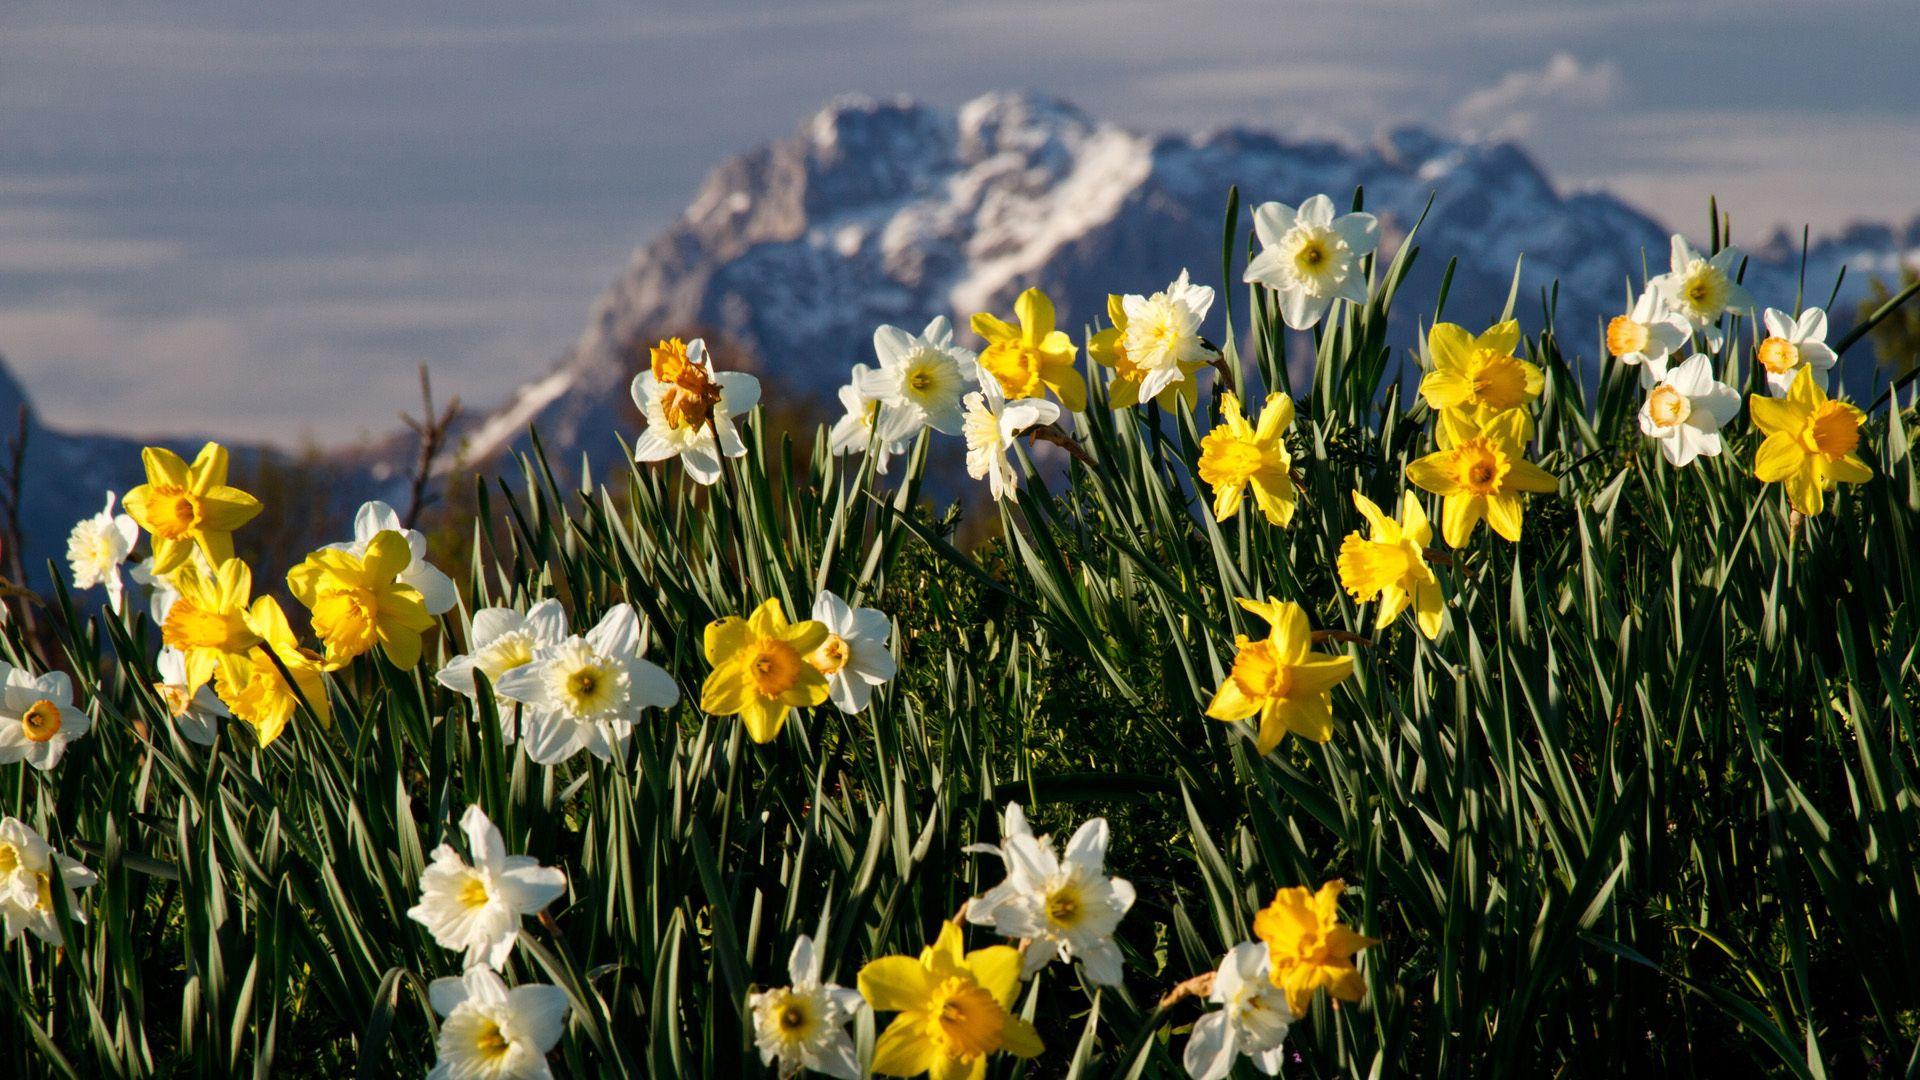 71629 Заставки и Обои Нарциссы на телефон. Скачать Природа, Цветы, Нарциссы, Растение картинки бесплатно